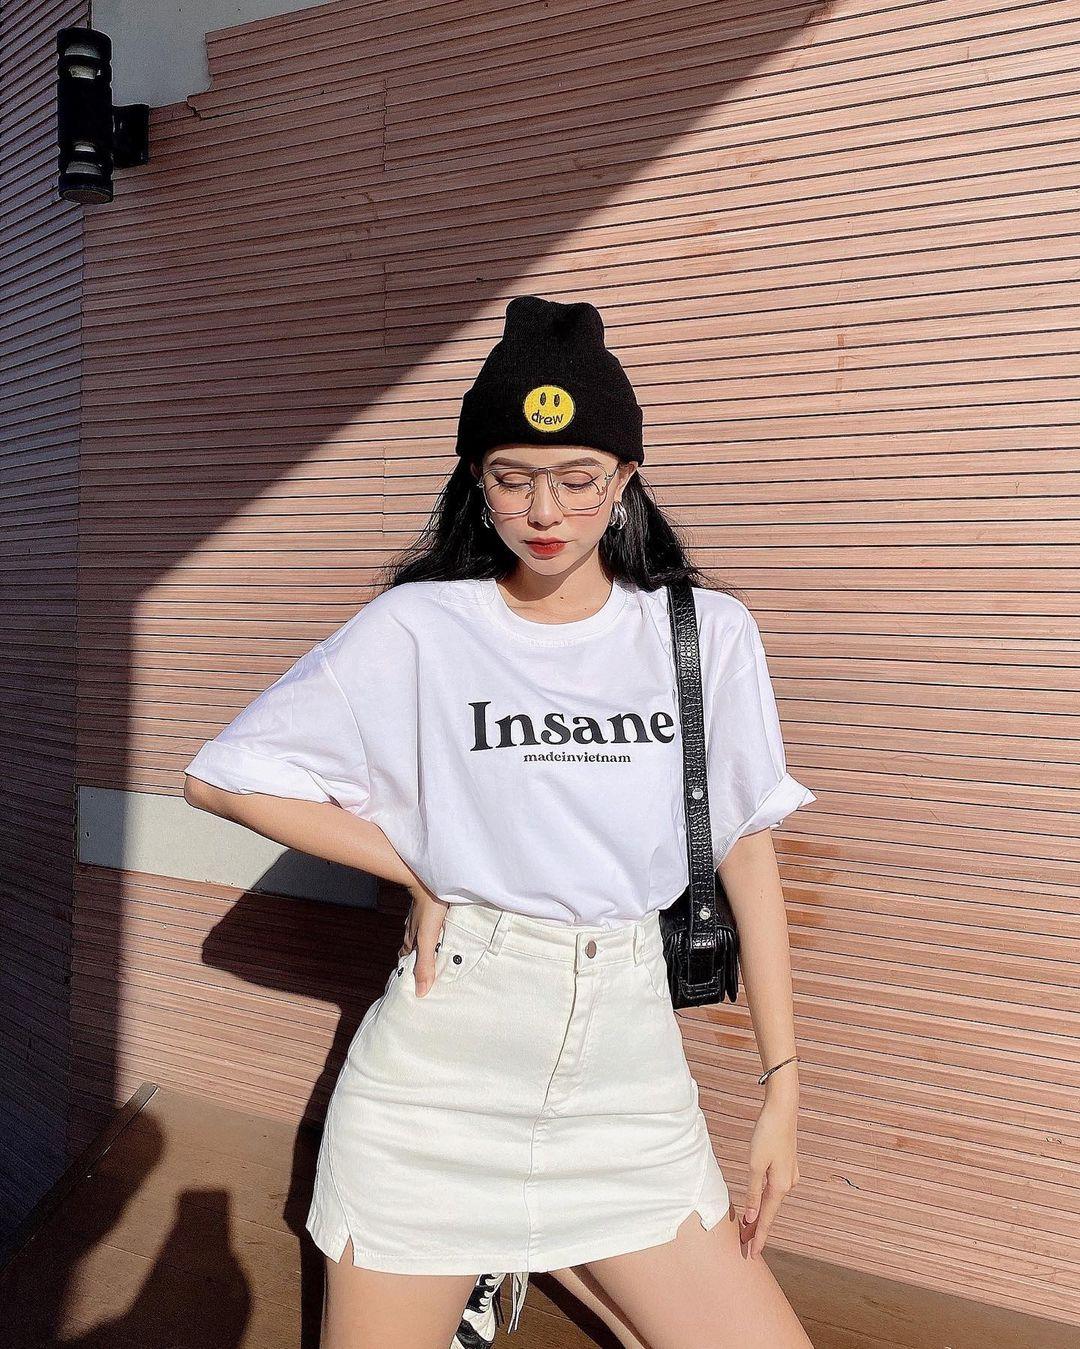 """Loạt áo phông local brand đơn giản mà chất lừ giá chỉ từ 250k, ai cũng nên sắm một """"em"""" đón hè - Ảnh 8."""